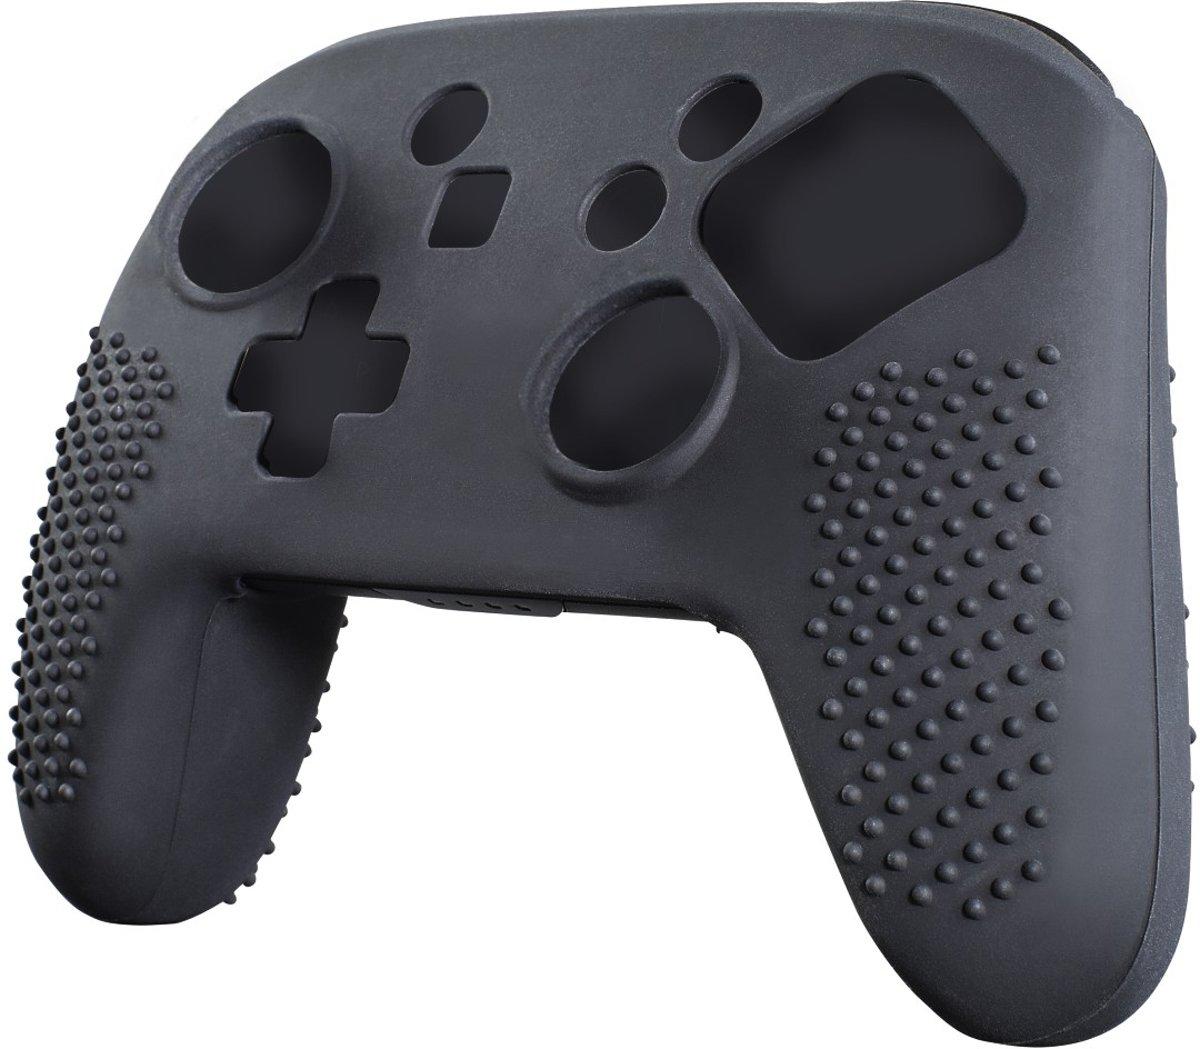 Hama 7in1-accessoire-pakket voor Nintendo Switch Pro Controller, zwart